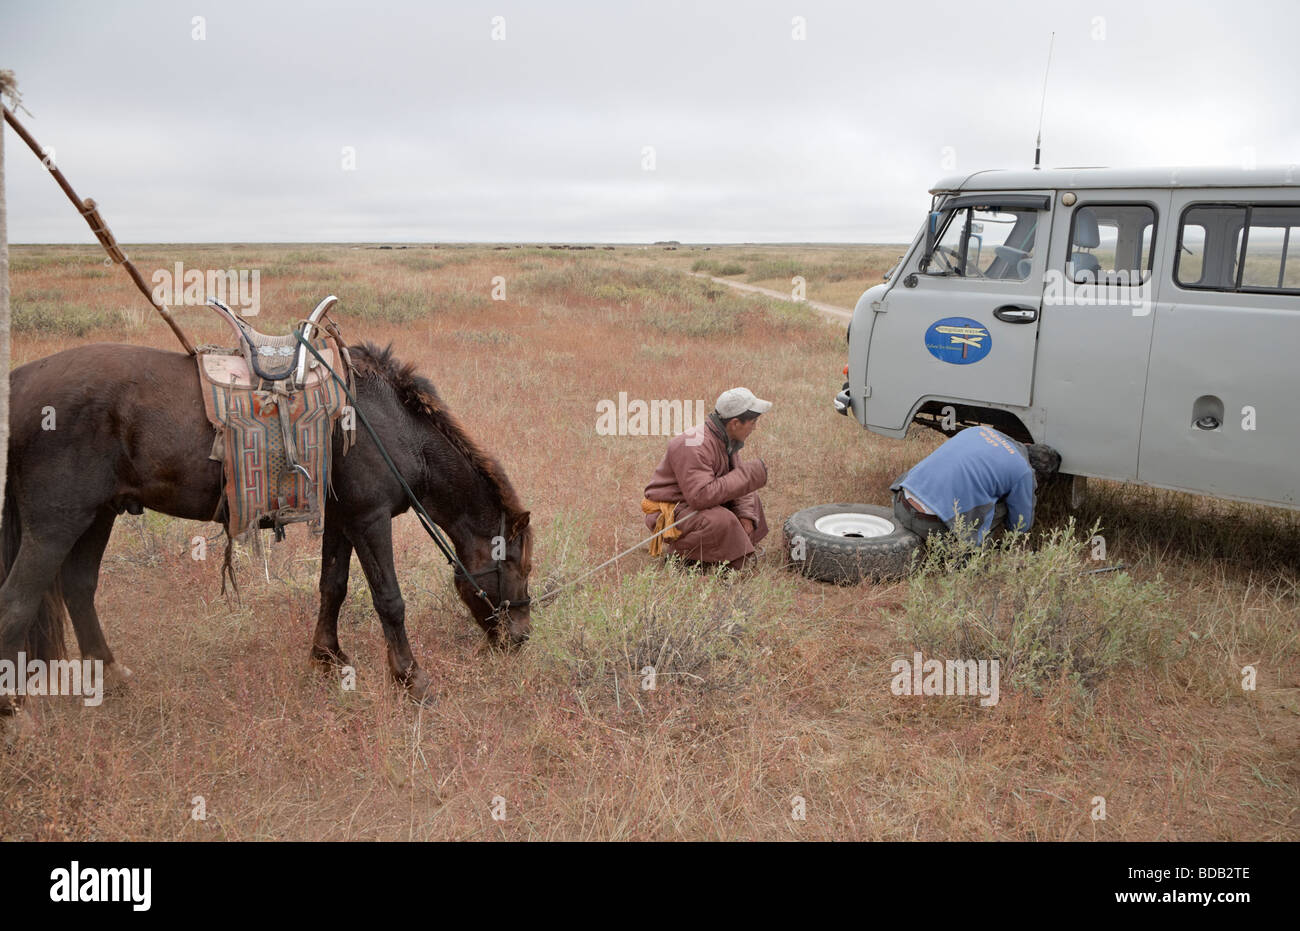 Kontrastierende Transportmittel: ein mongolischer Reiter betreut Fahrzeugreparaturen, Norden Zentralmongolei. Die zuverlässiger ist? Stockfoto